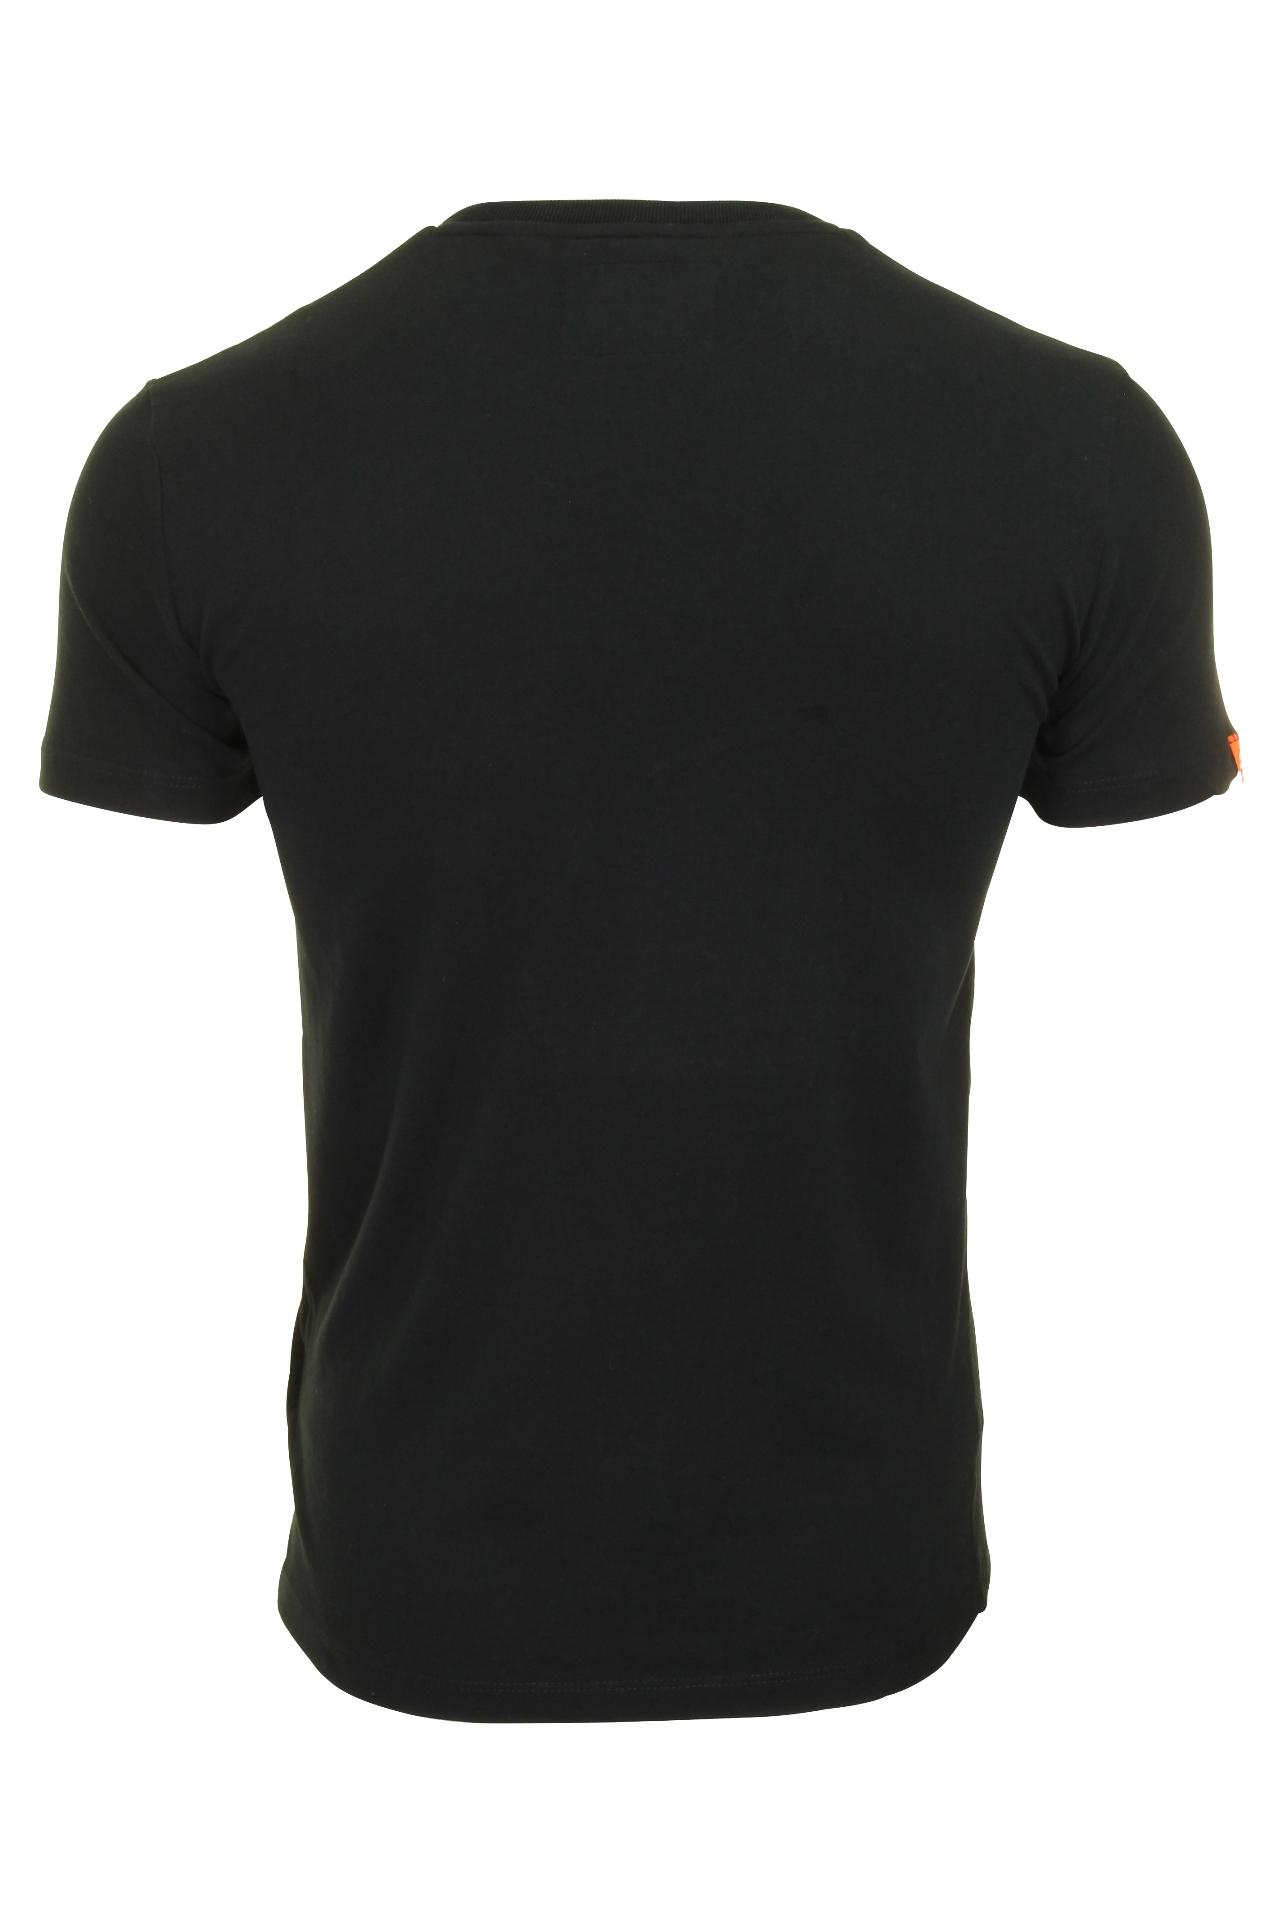 Camisa-Para-Hombres-039-Orange-Label-Vintage-de-039-Cuello-Redondo-Camiseta miniatura 5